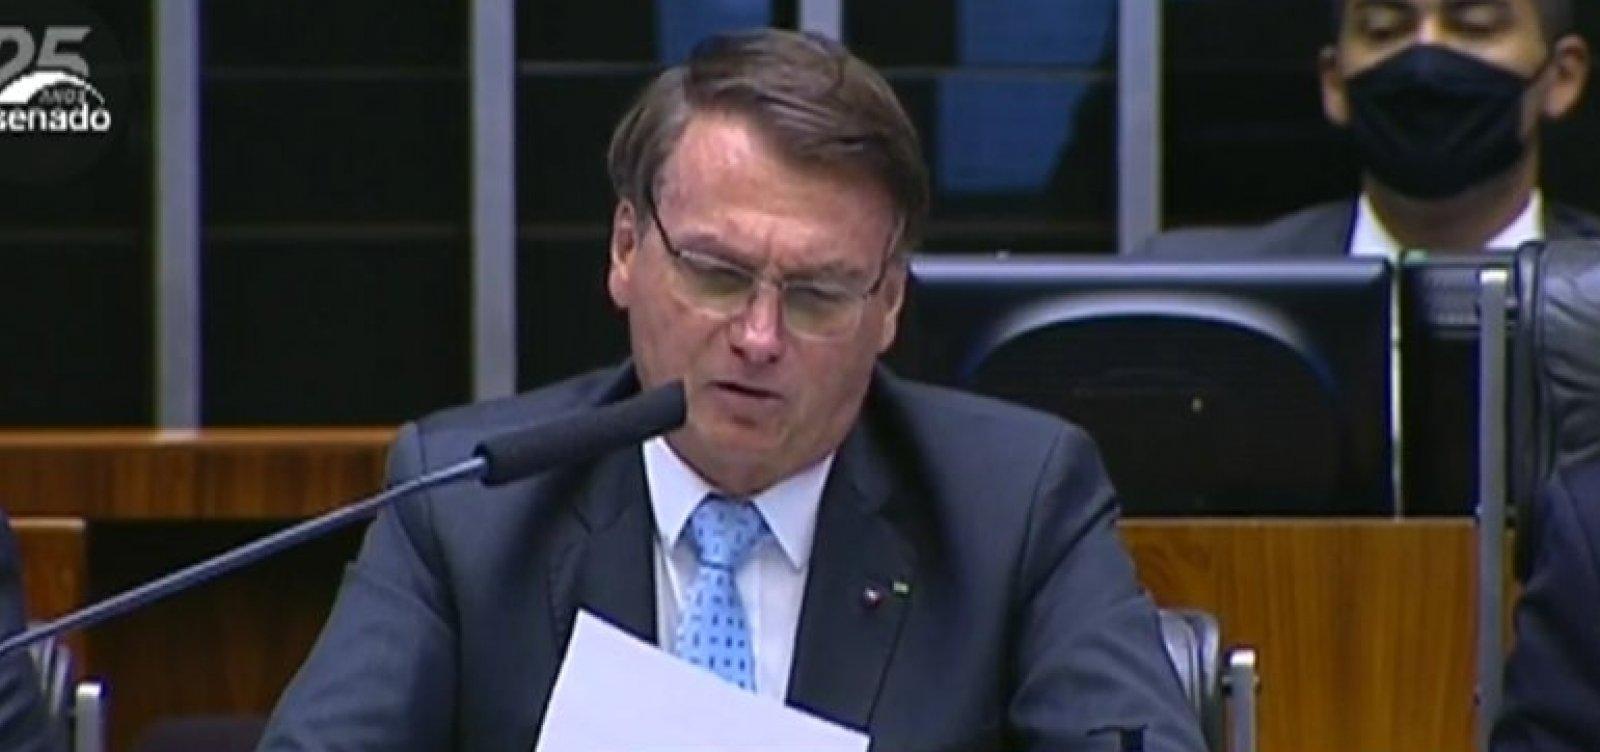 [Chamado de genocida e fascista no Congresso, Bolsonaro responde: 'nos encontramos em 22']